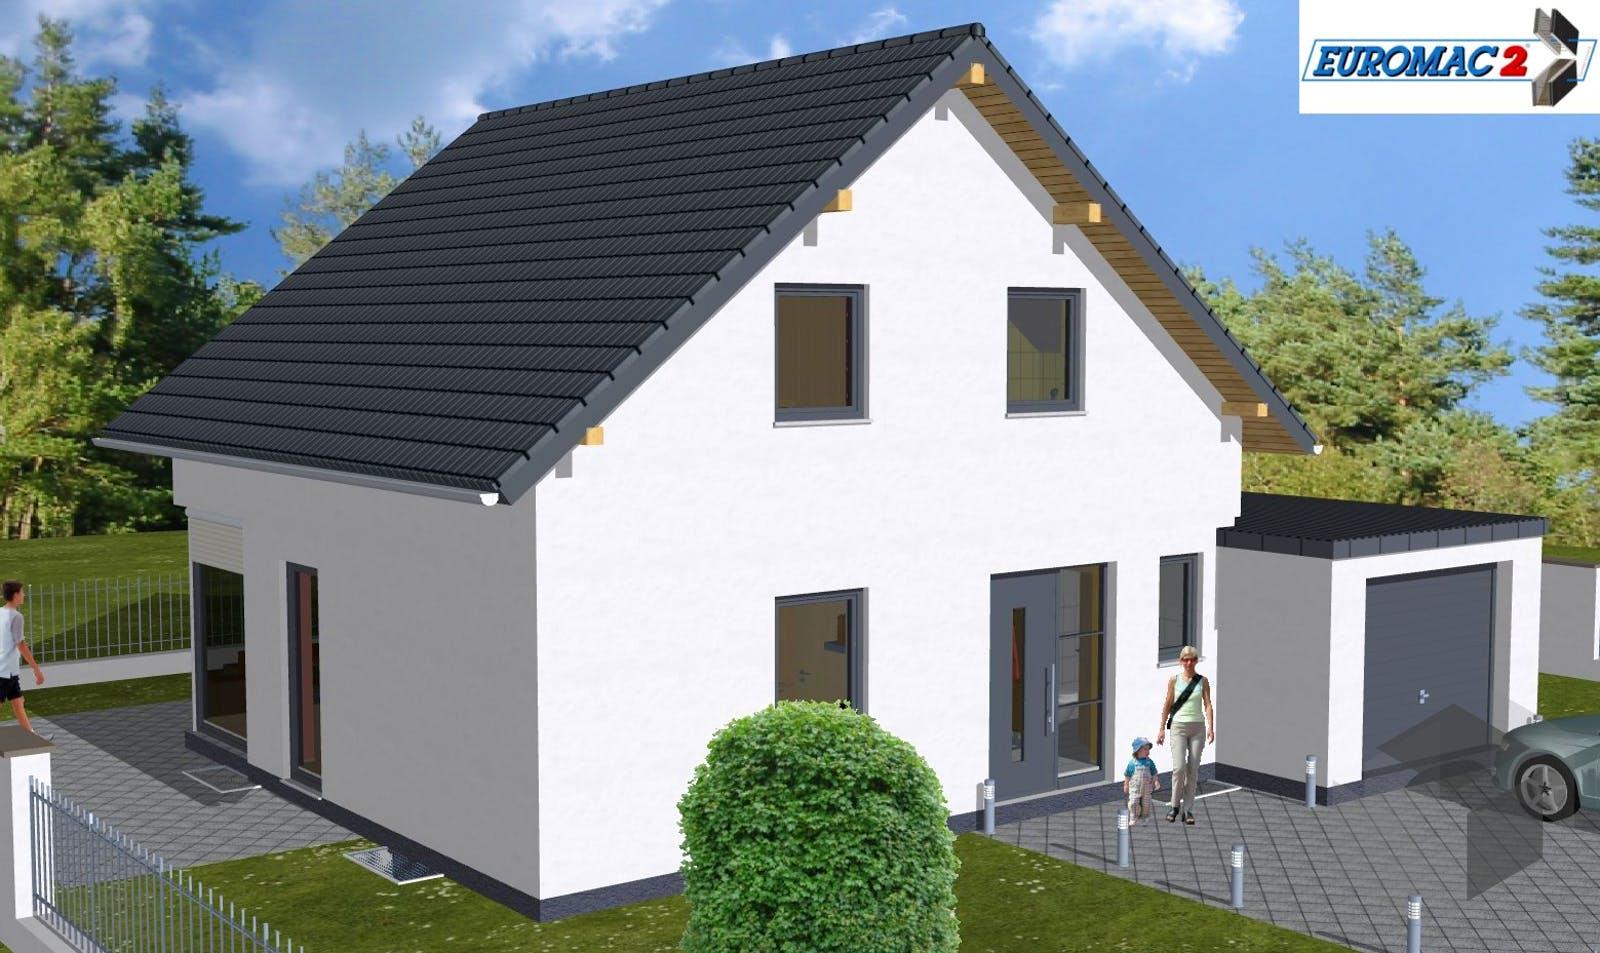 family 110 sd von euromac 2 komplette daten bersicht. Black Bedroom Furniture Sets. Home Design Ideas